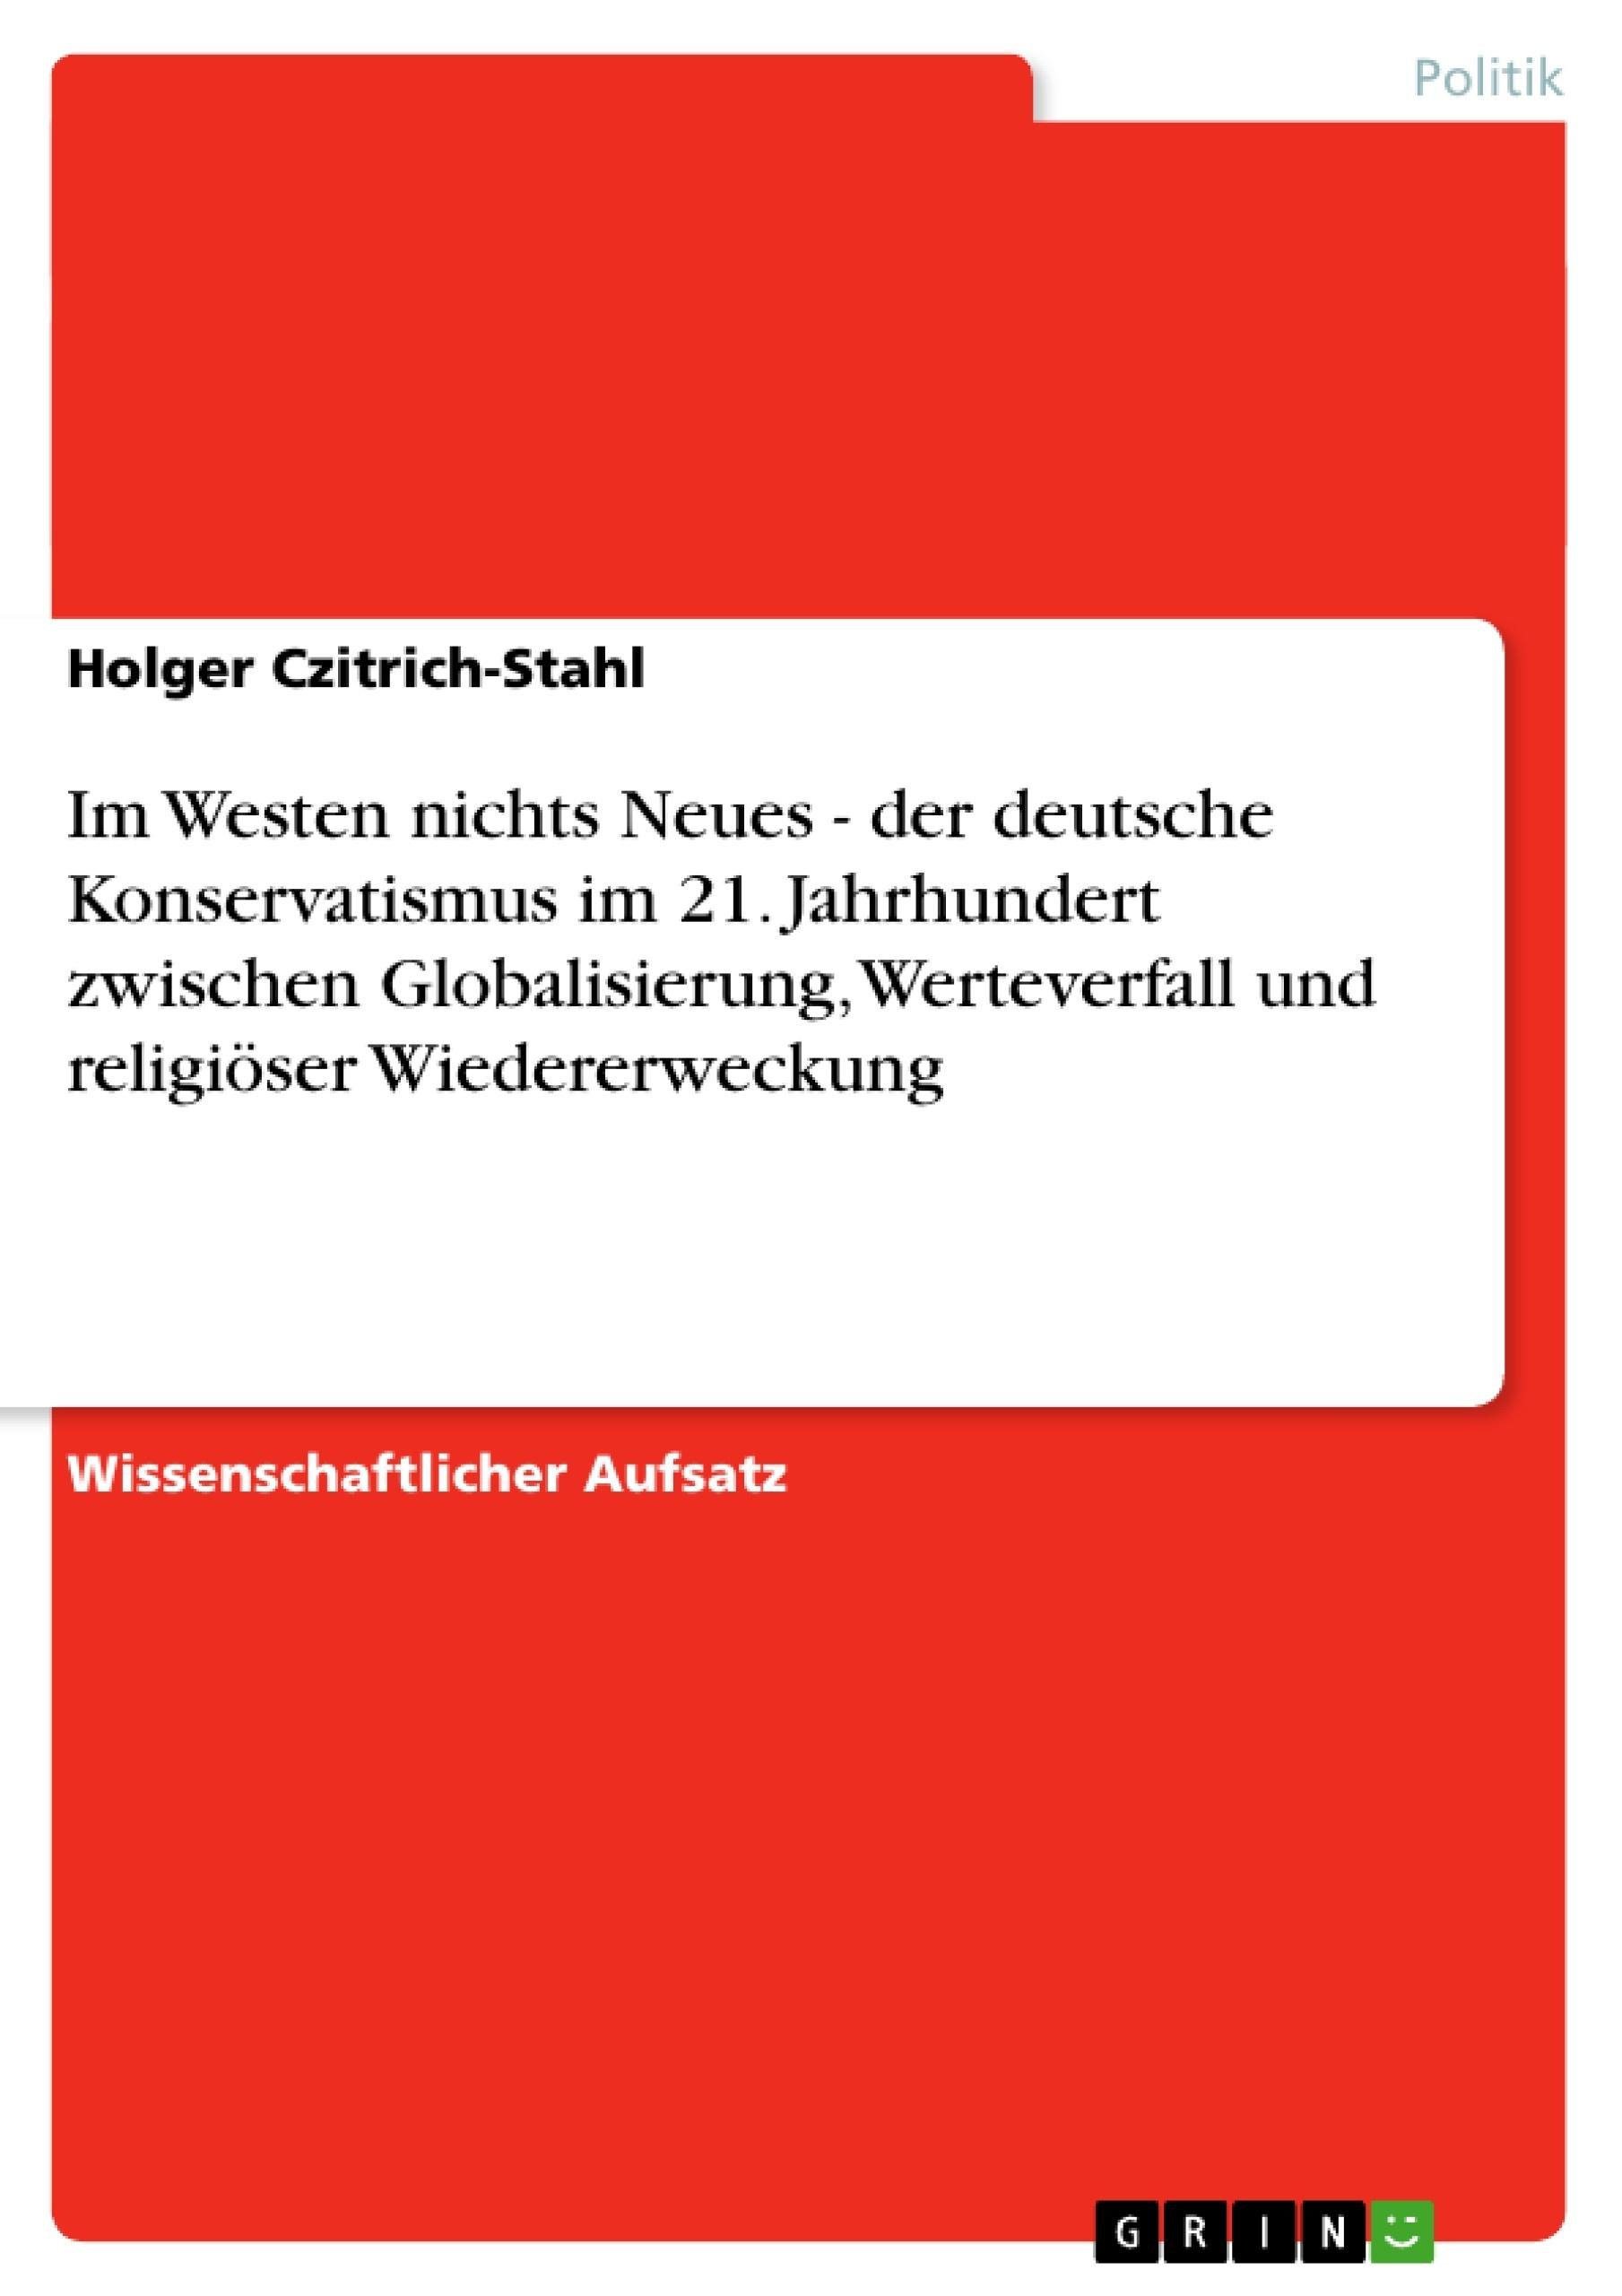 Titel: Im Westen nichts Neues - der deutsche Konservatismus im 21. Jahrhundert zwischen Globalisierung, Werteverfall und religiöser Wiedererweckung